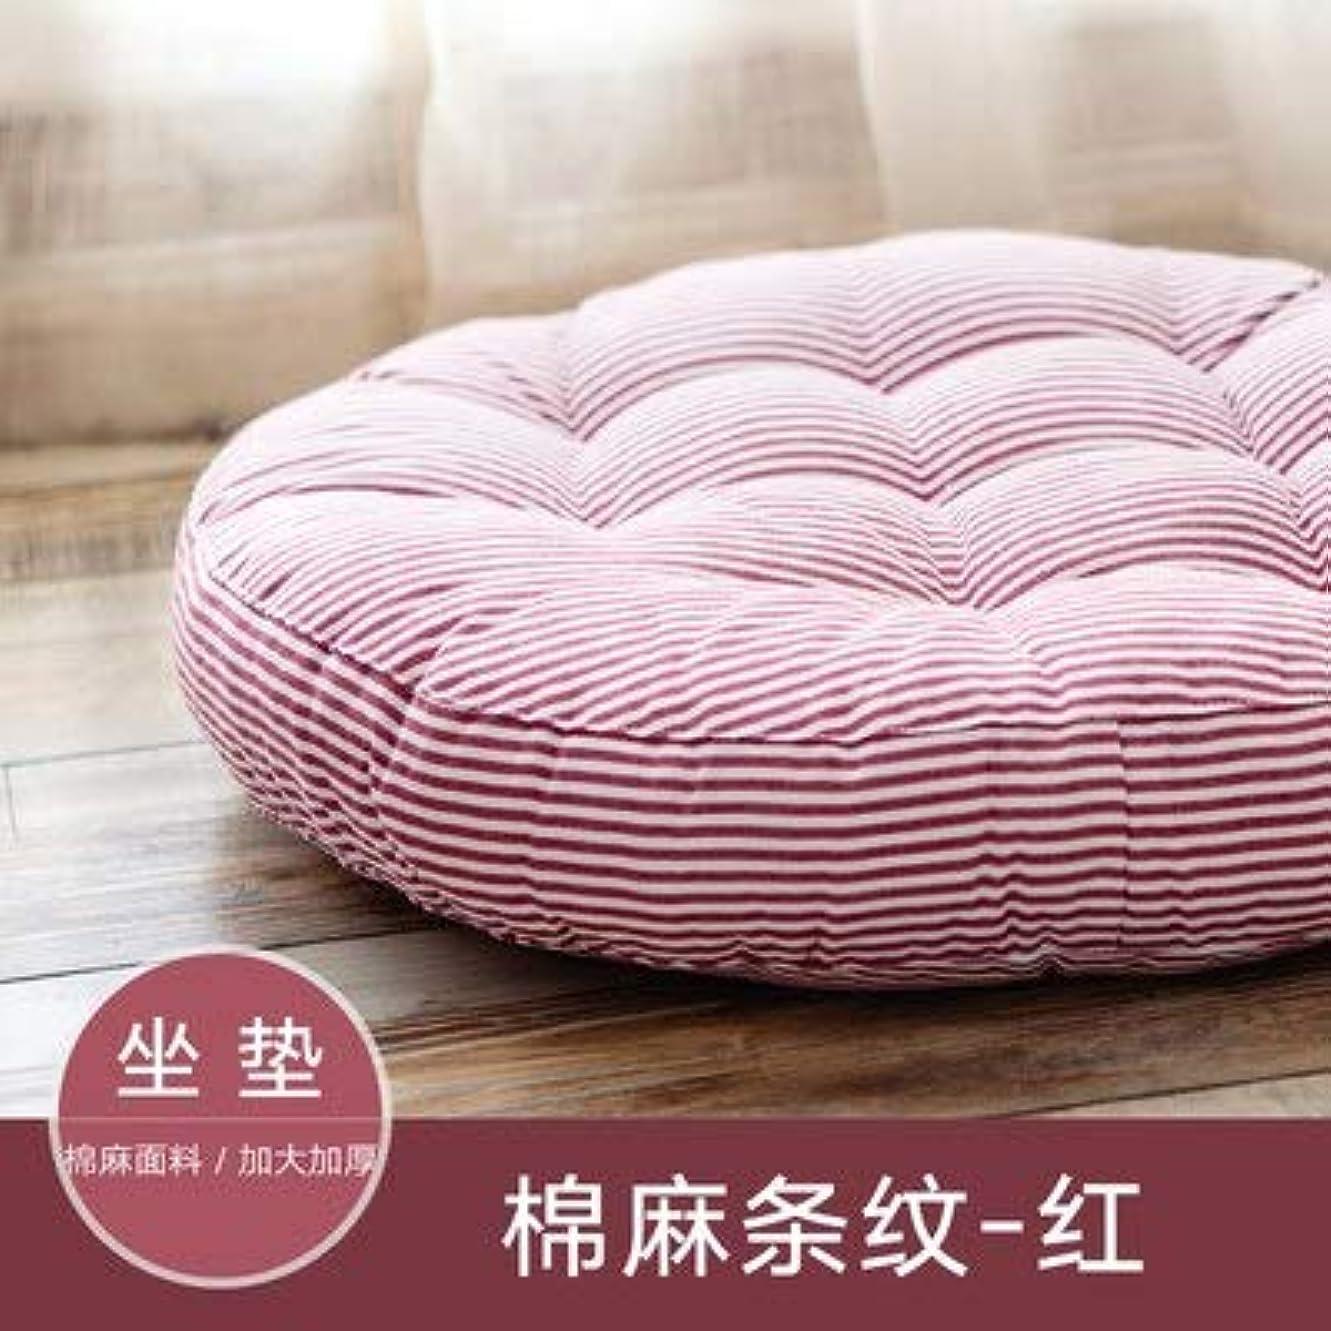 人類シュガーロビーLIFE ラウンド厚い椅子のクッションフロアマットレスシートパッドソフトホームオフィスチェアクッションマットソフトスロー枕最高品質の床クッション クッション 椅子